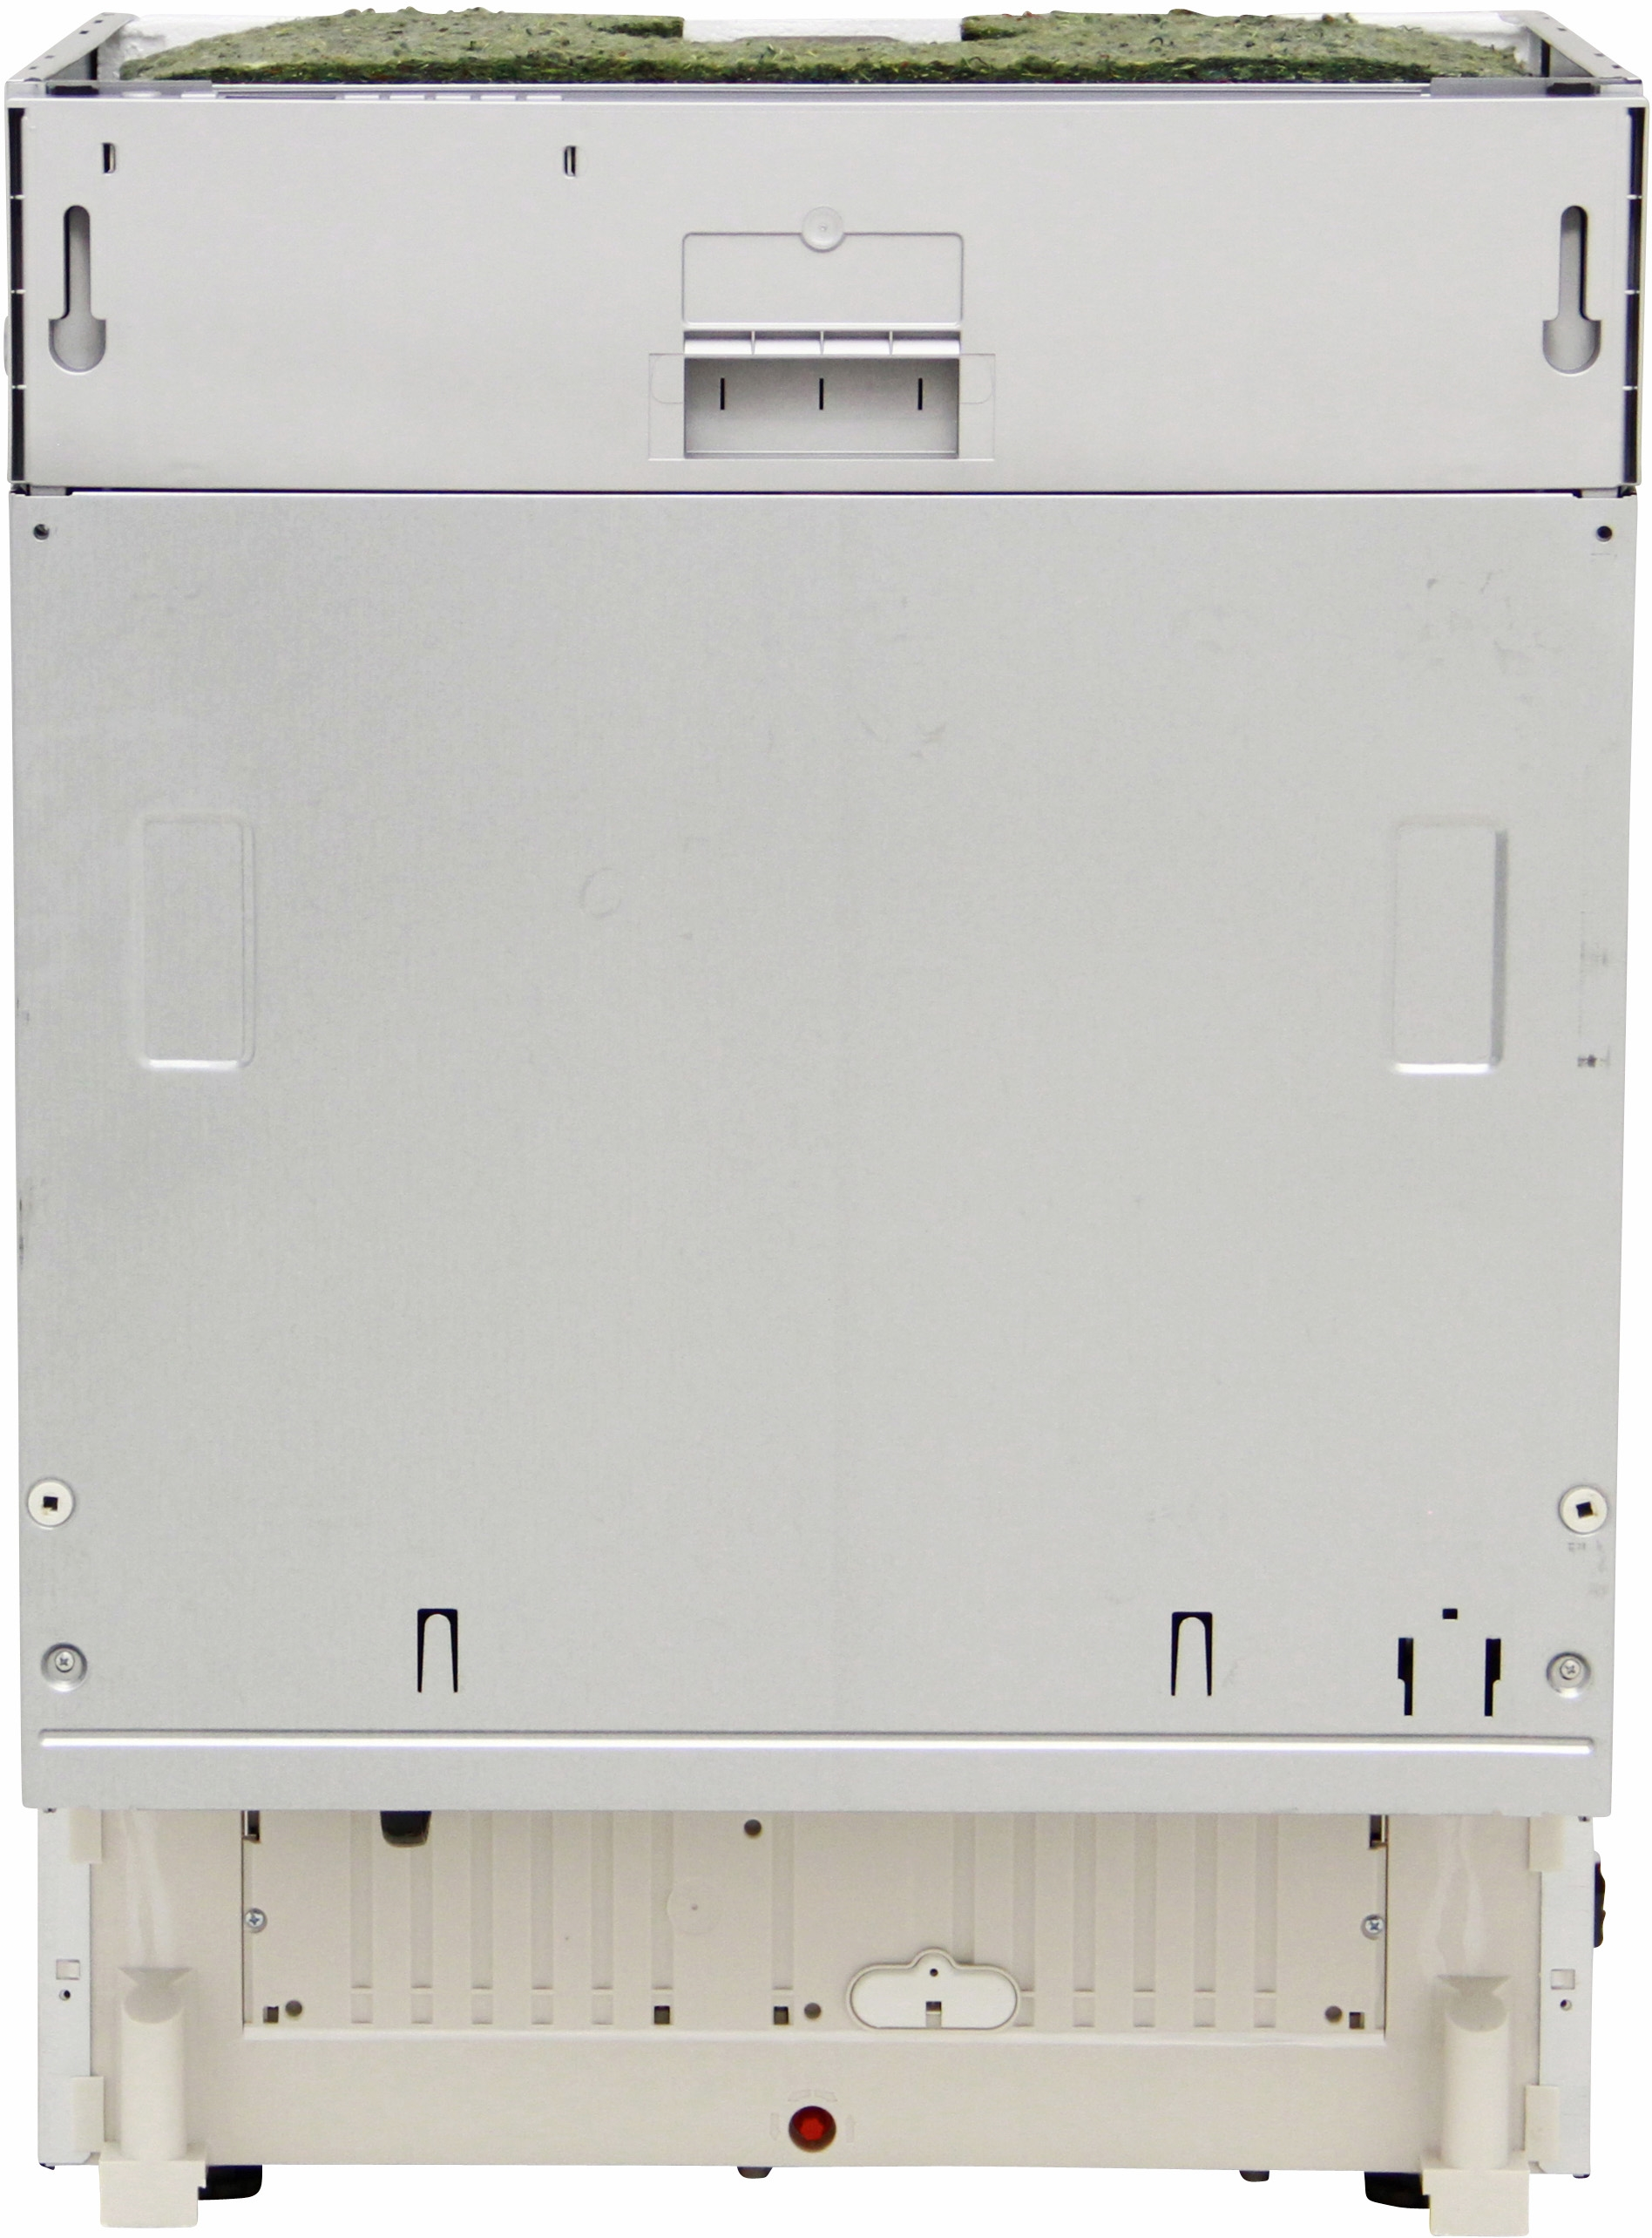 I dettagli del test sulla lavastoviglie WHIRLPOOL WIC3C26PF